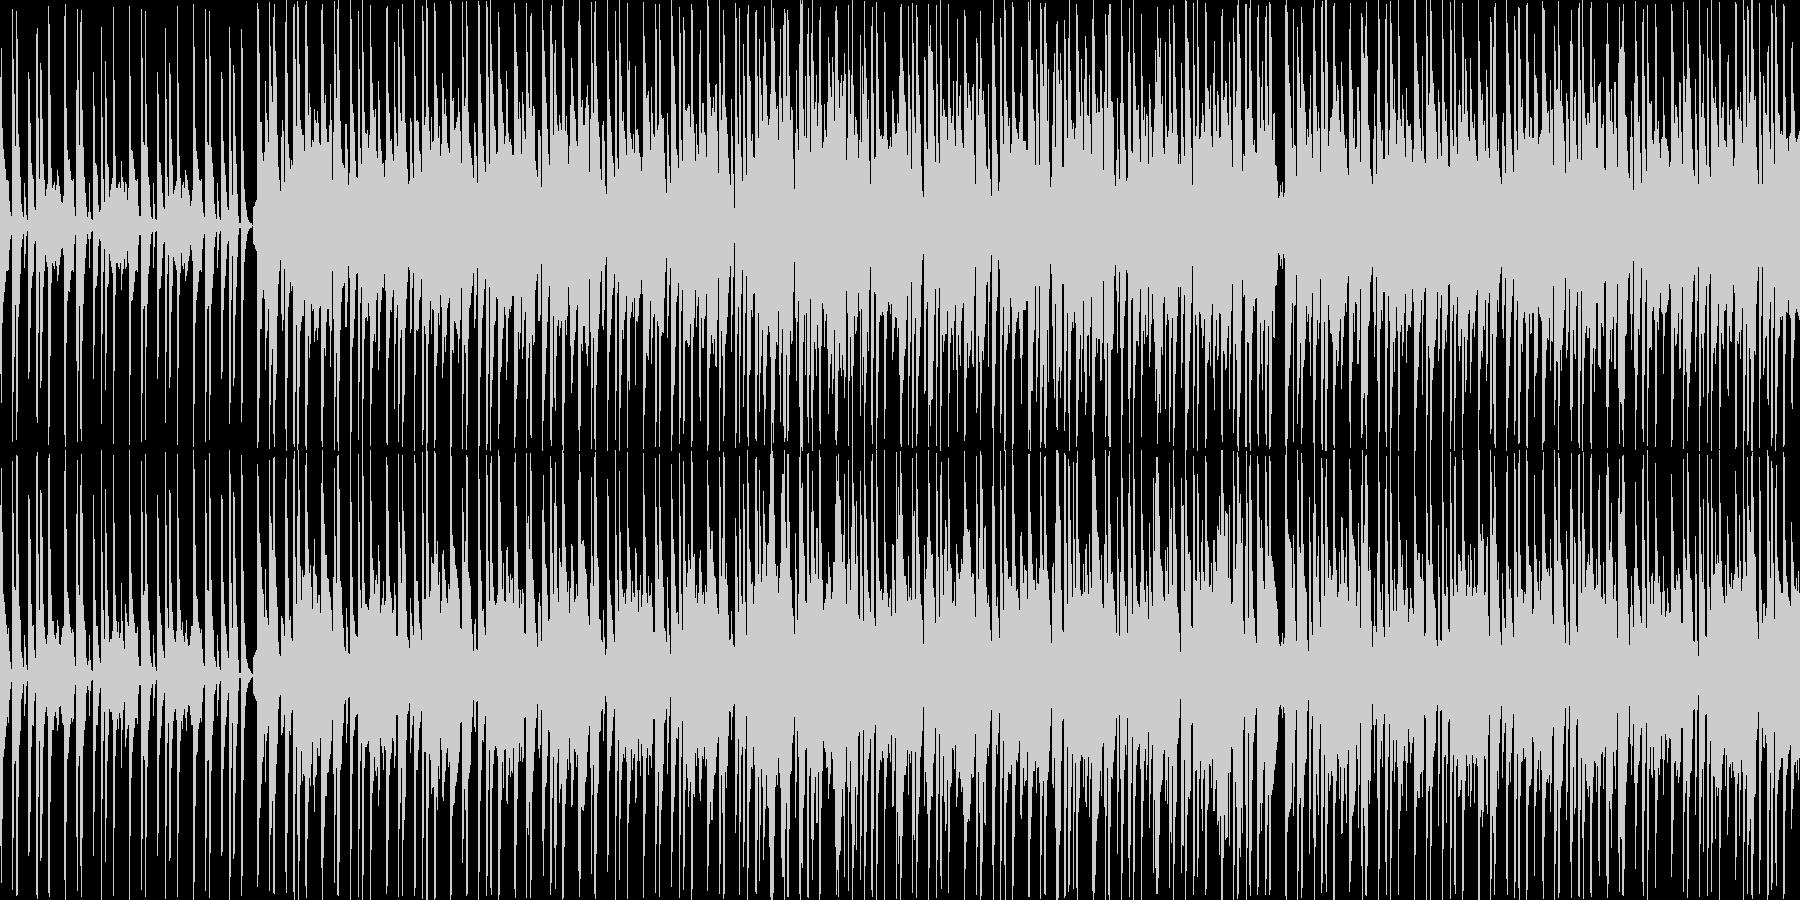 軽快でコミカルなポップスの未再生の波形